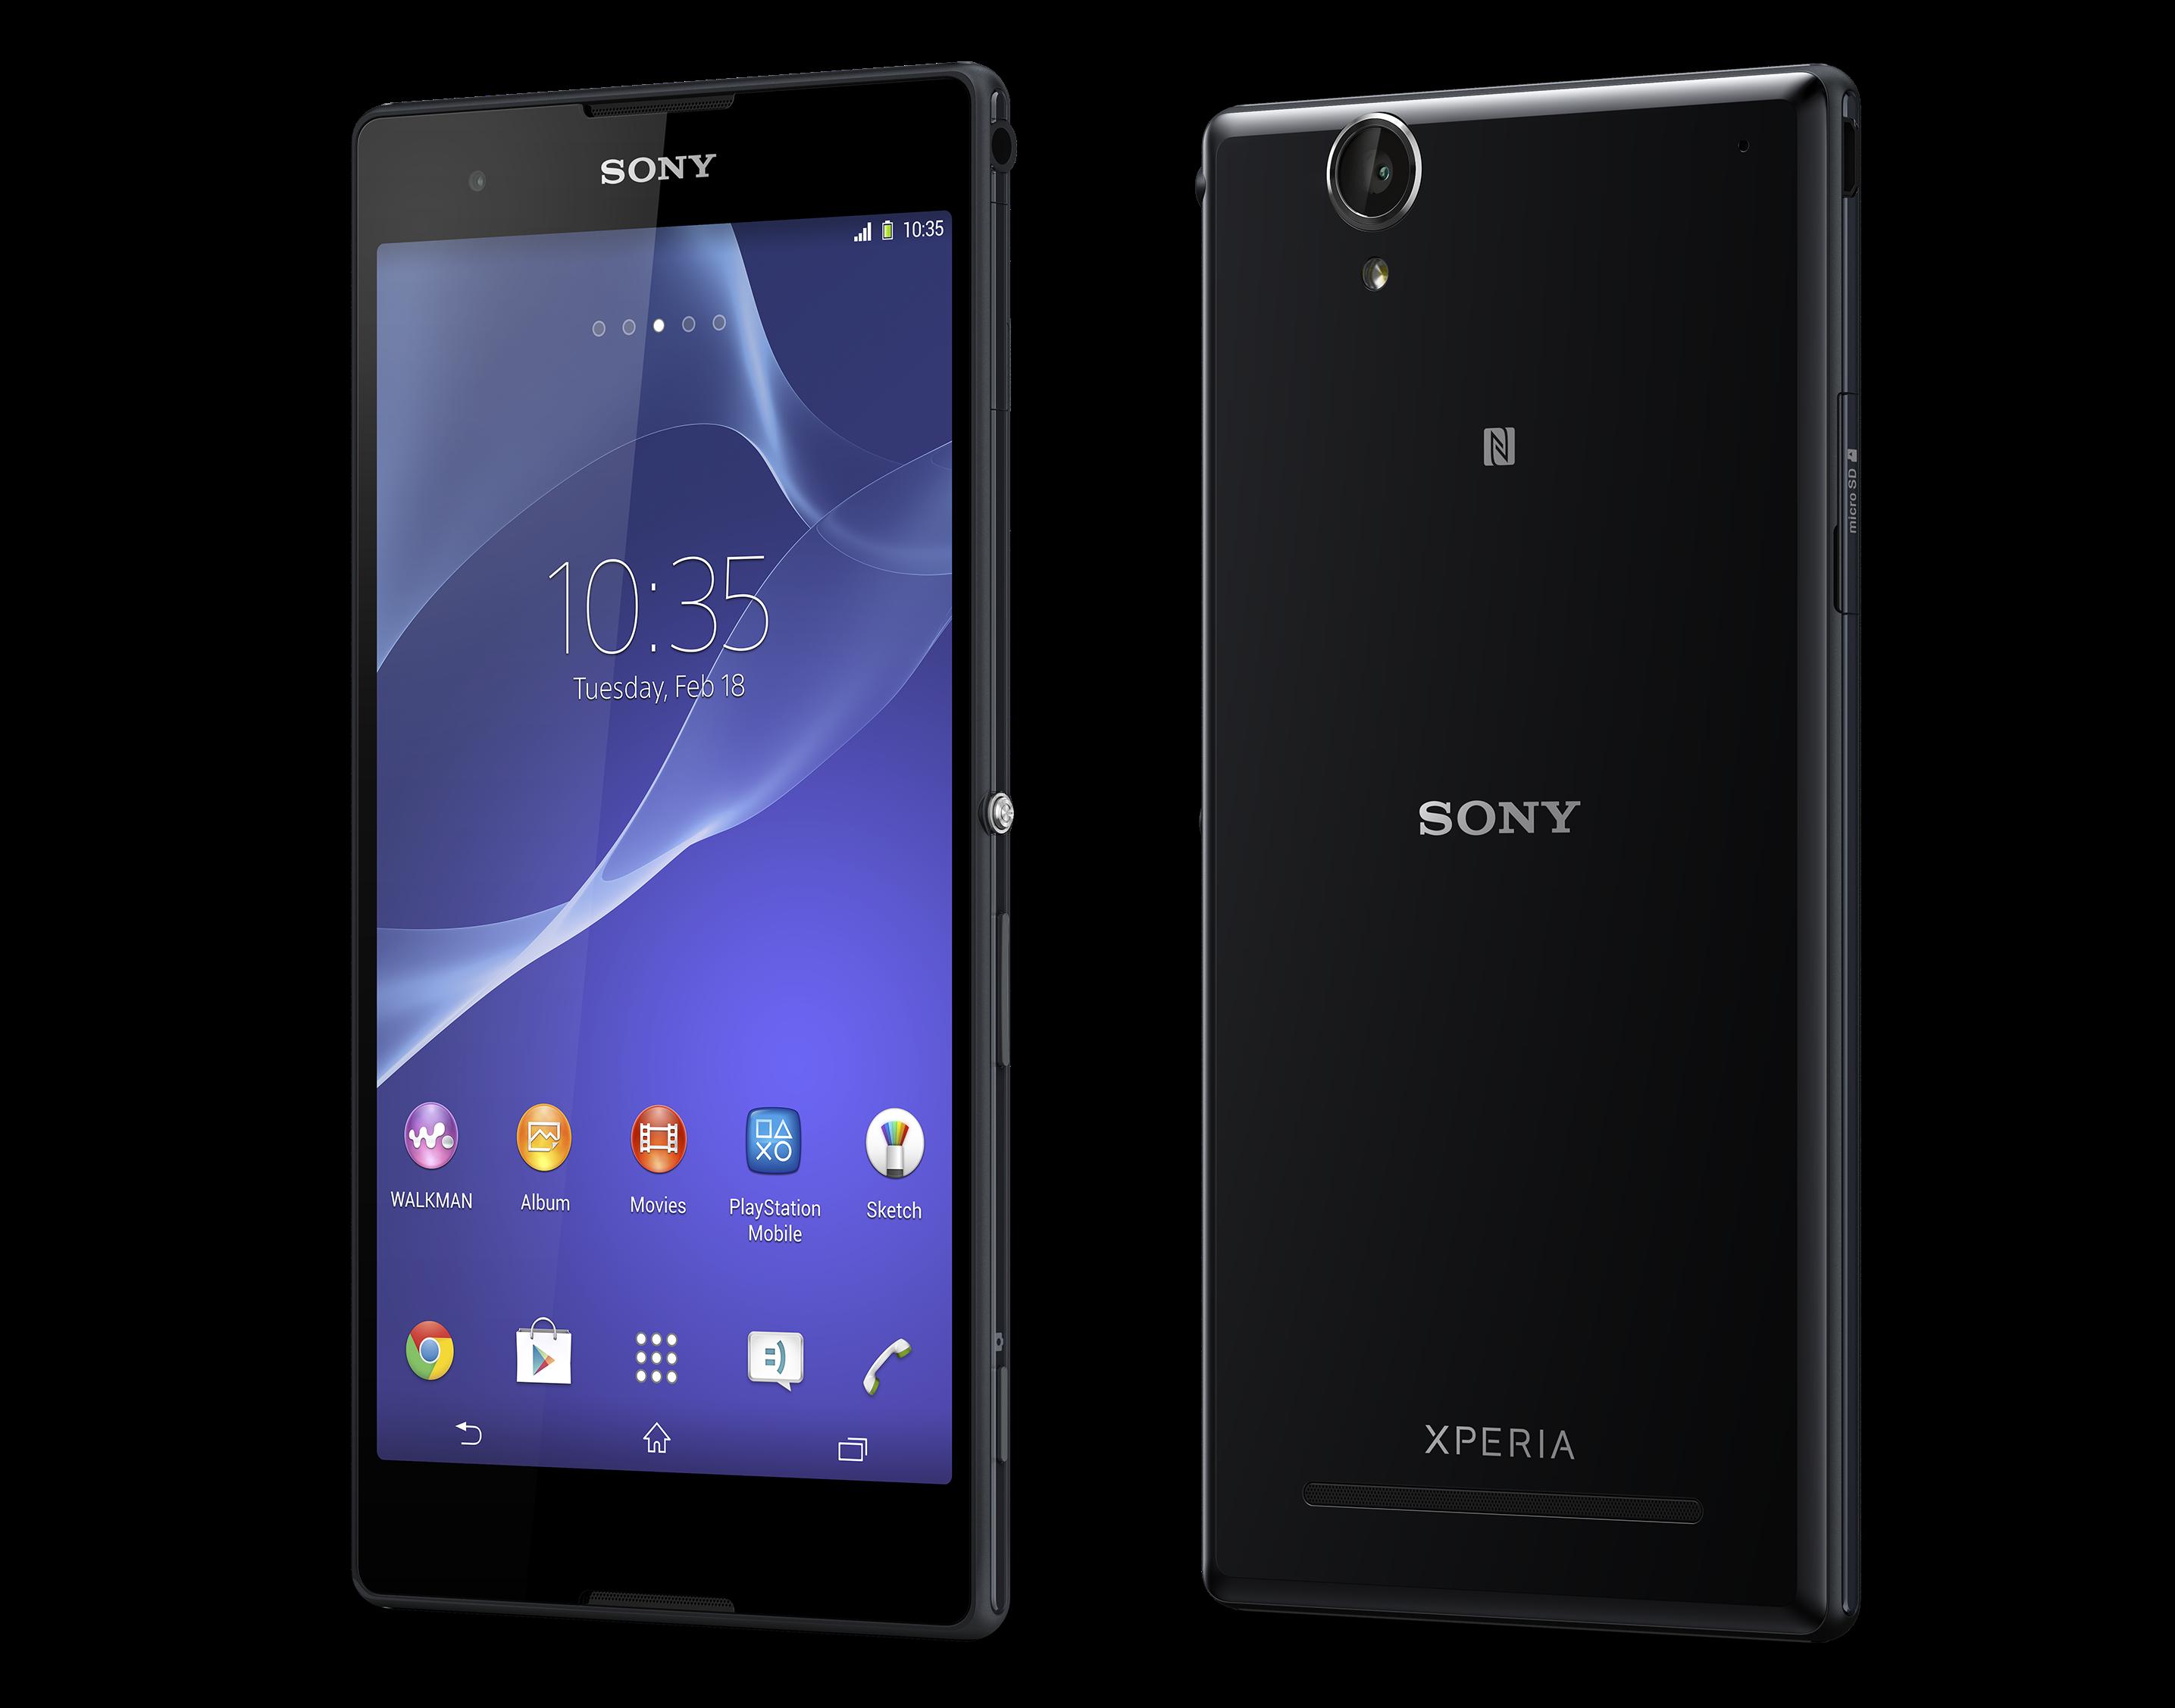 Como localizar mi celular sony xperia z1 - Como posso localizar meu celular roubado